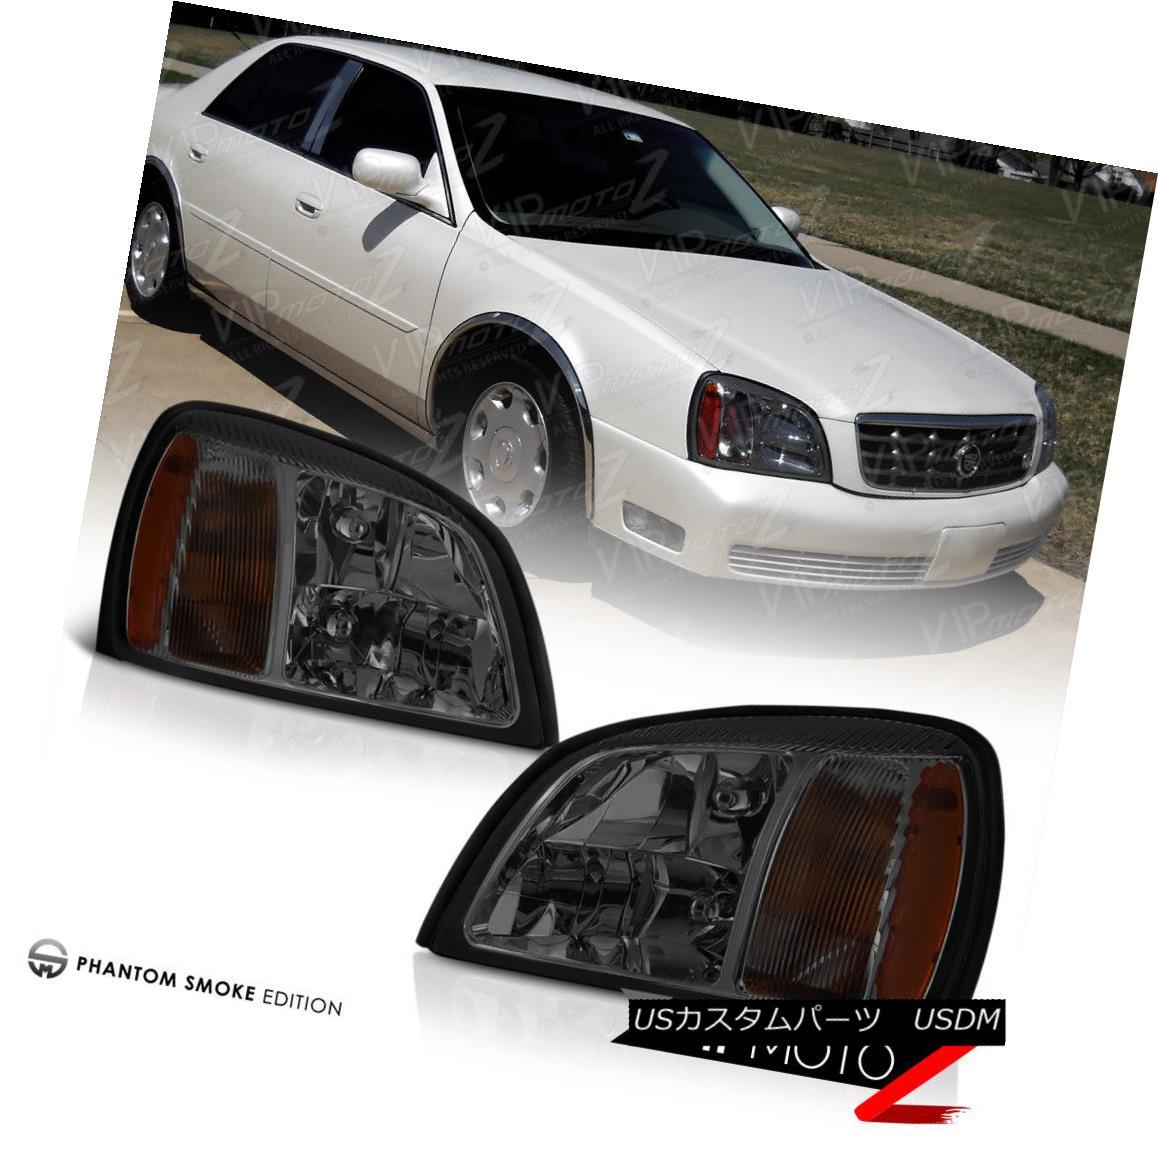 ヘッドライト 2000-2005 Cadillac DeVille [SMOKE] Front Headlights Headlamp Assembly PAIR LH+RH 2000-2005 Cadillac DeVille [SMOKE]フロントヘッドライトヘッドランプアセンブリPAIR LH + RH